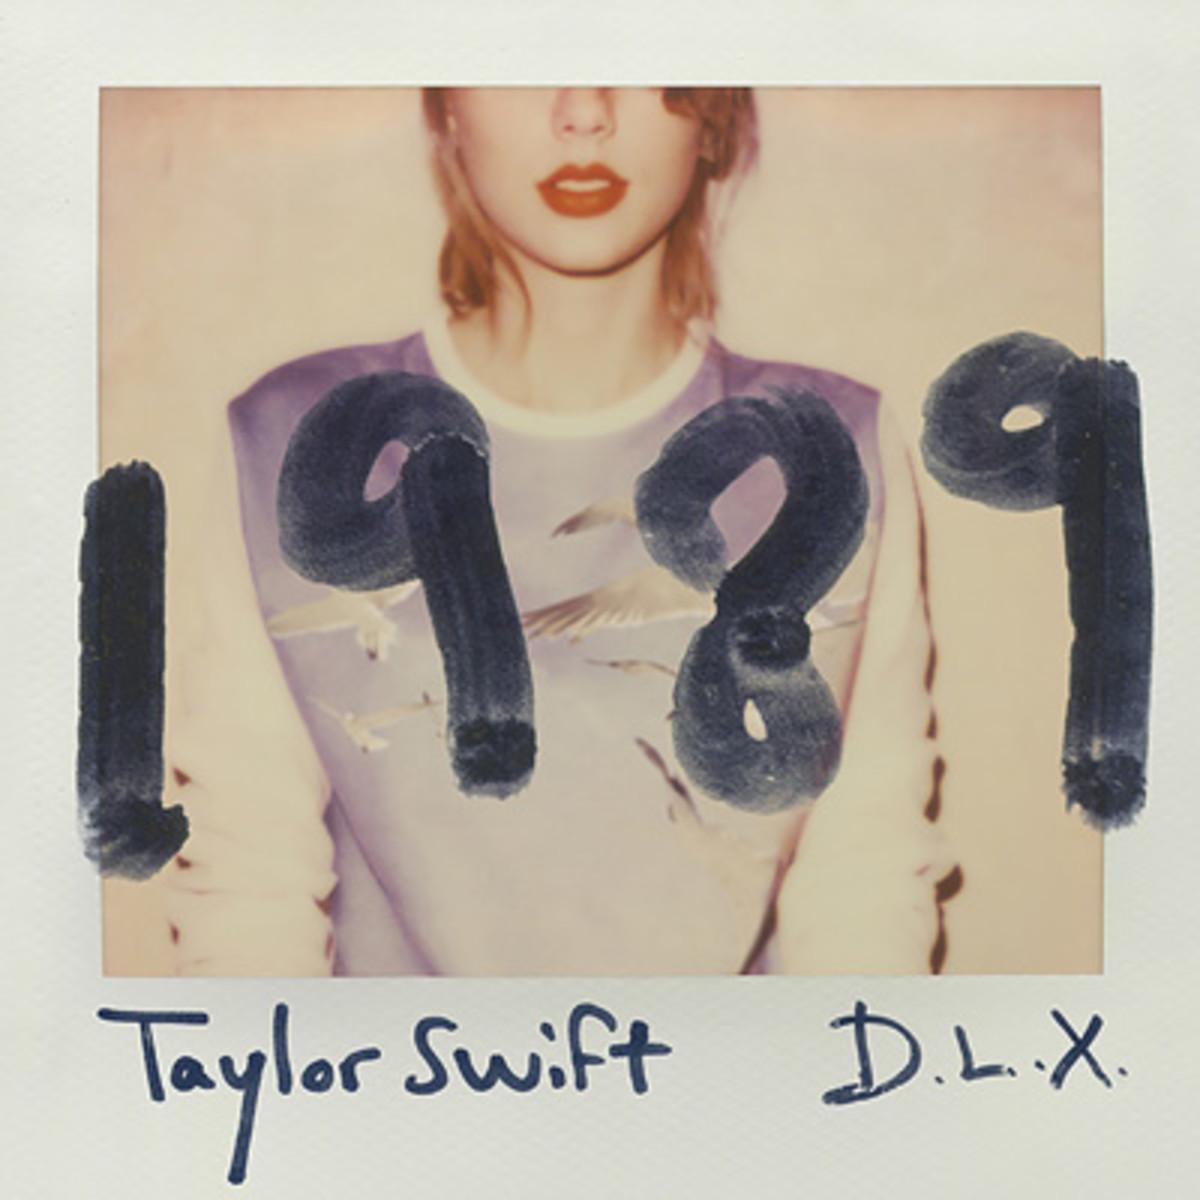 tswift-1989.jpg